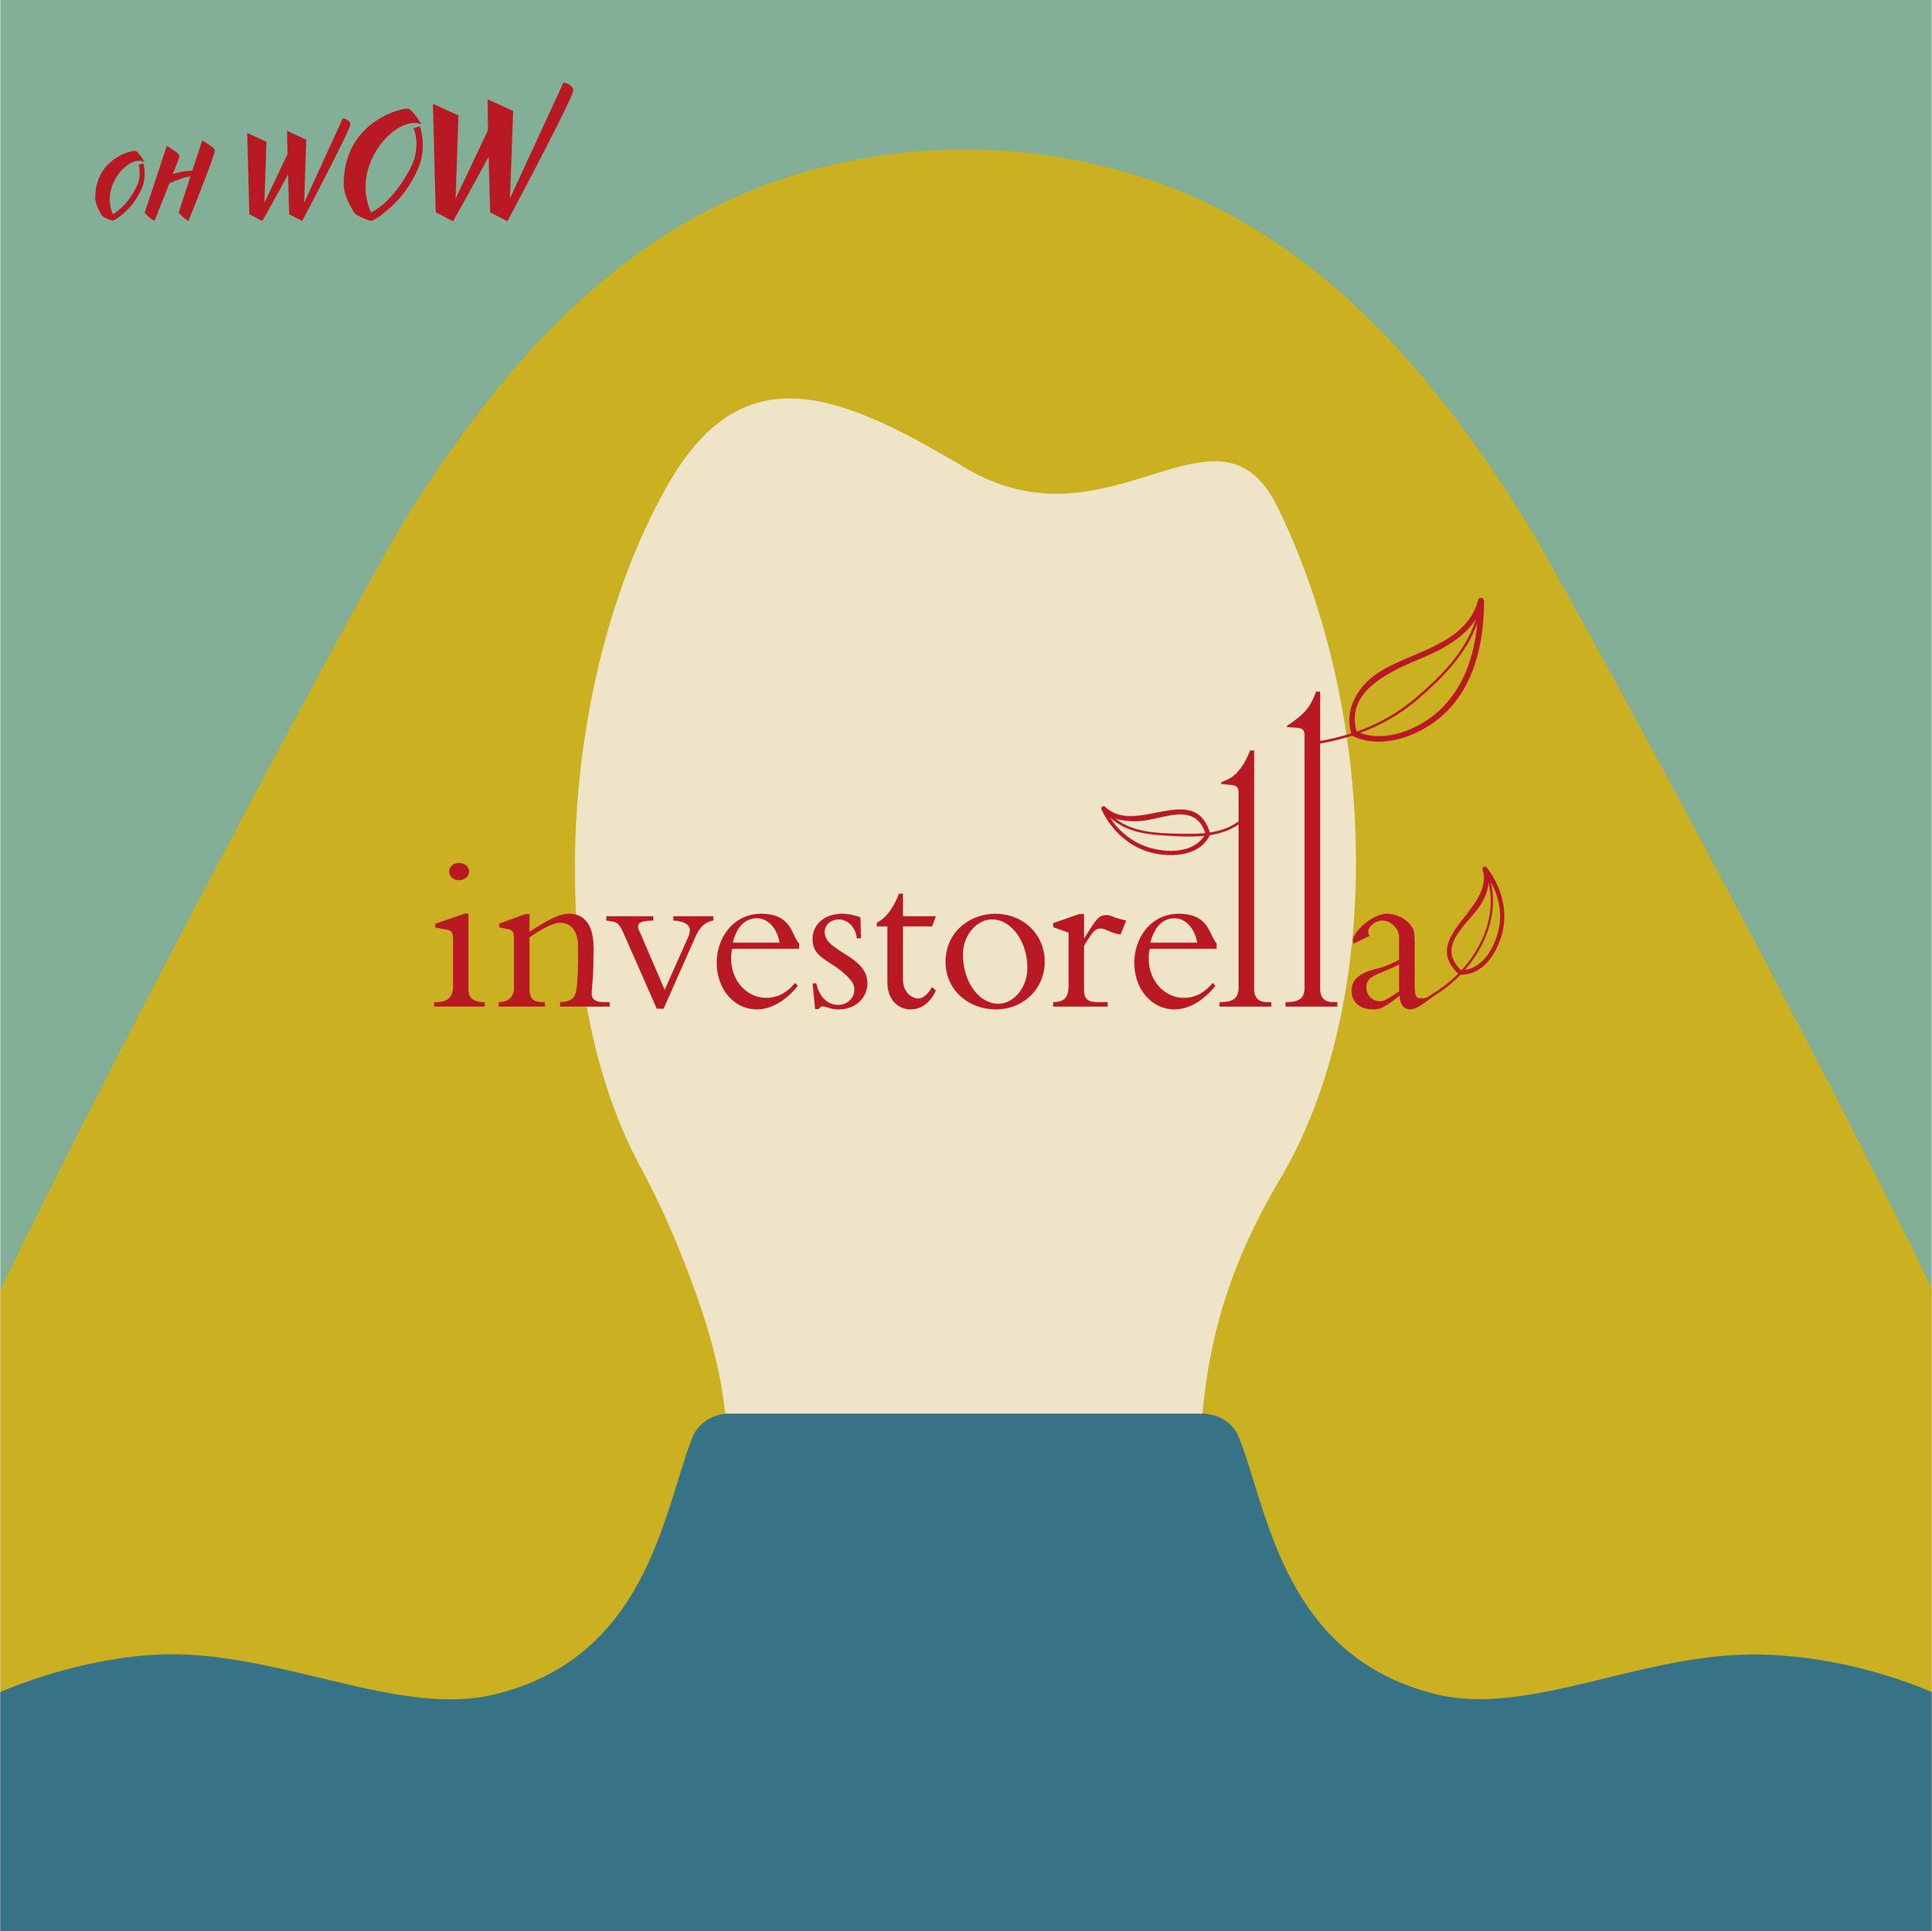 Investorellaist ein Podcast, der Frauen das nachhaltige Investieren greifbar machen will, damit sie selbstermächtigt mit ihrem Geld umgehen. Mit Larissa Kravitz. -